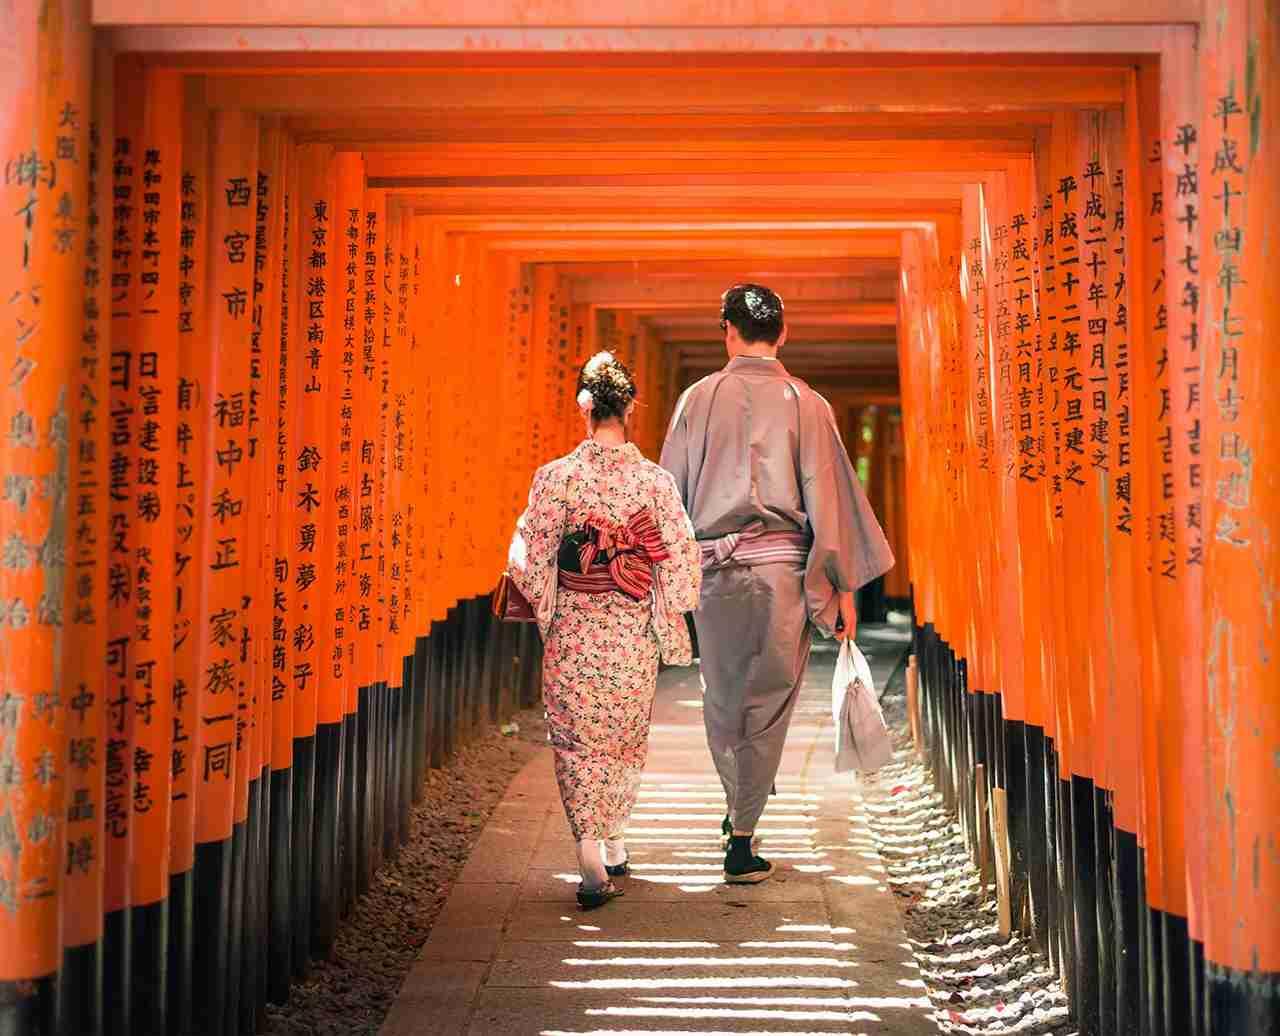 Kyoto Japan Honeymoon Destinations 2018. (Photo by George Clerk via Getty Images)